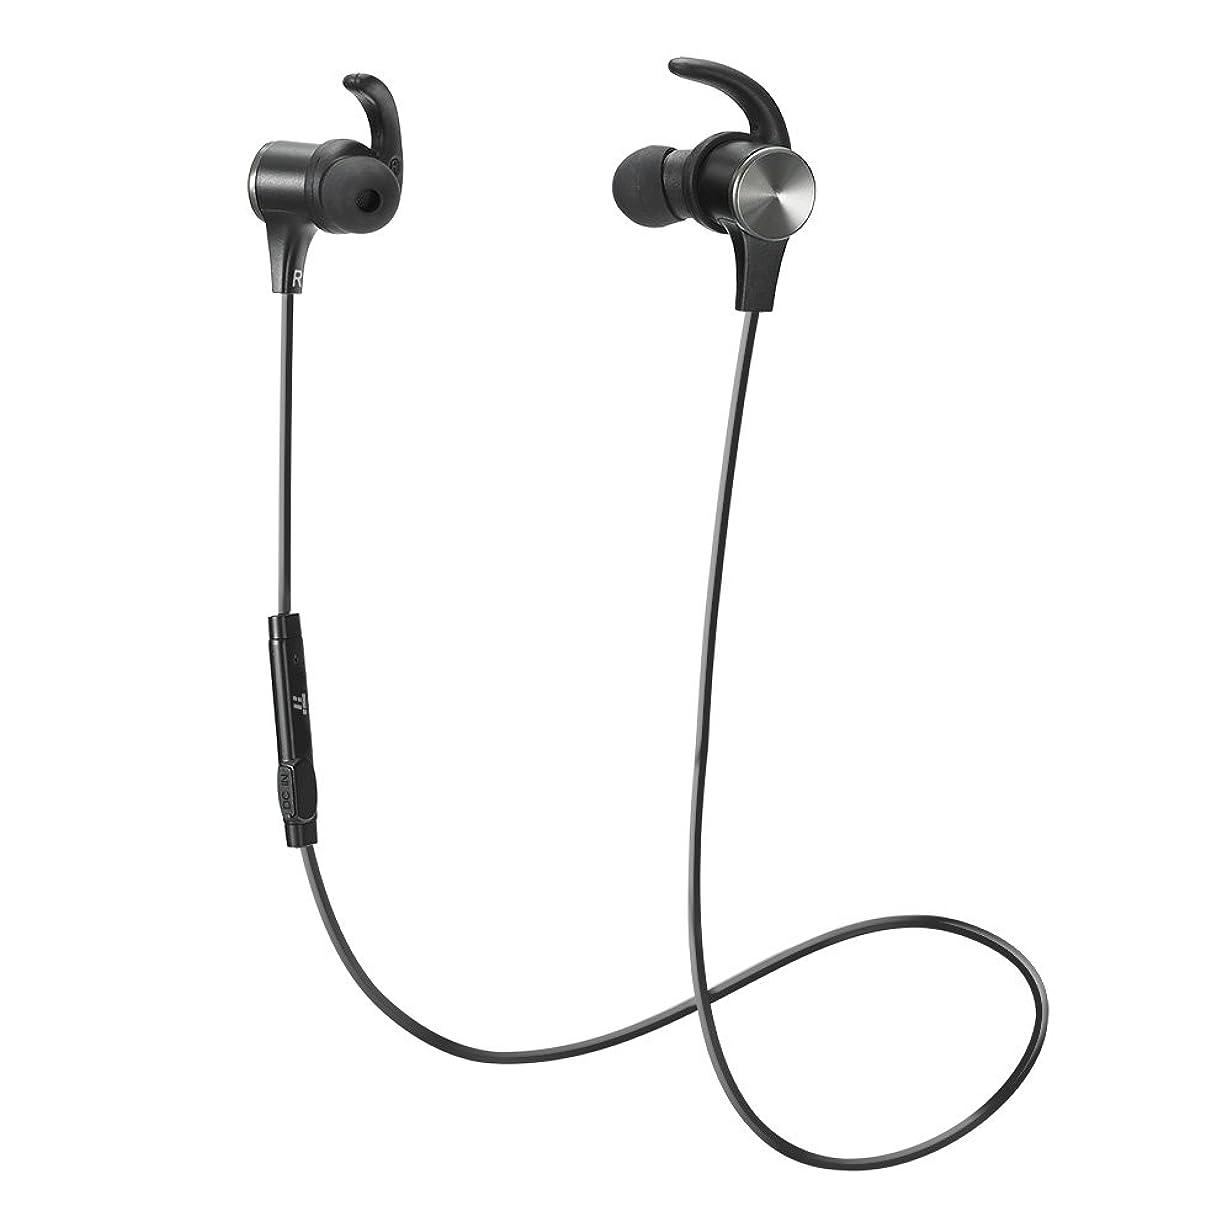 重量シルク想定するTaoTronics Bluetooth イヤホン(apt-Xコーデック対応?IPX6防水仕樣?CVC6.0) ノイズキャンセリング 自動ペアリング 高音質 マグネット搭載 スポーツ仕様 TT-BH07 (ブラック)